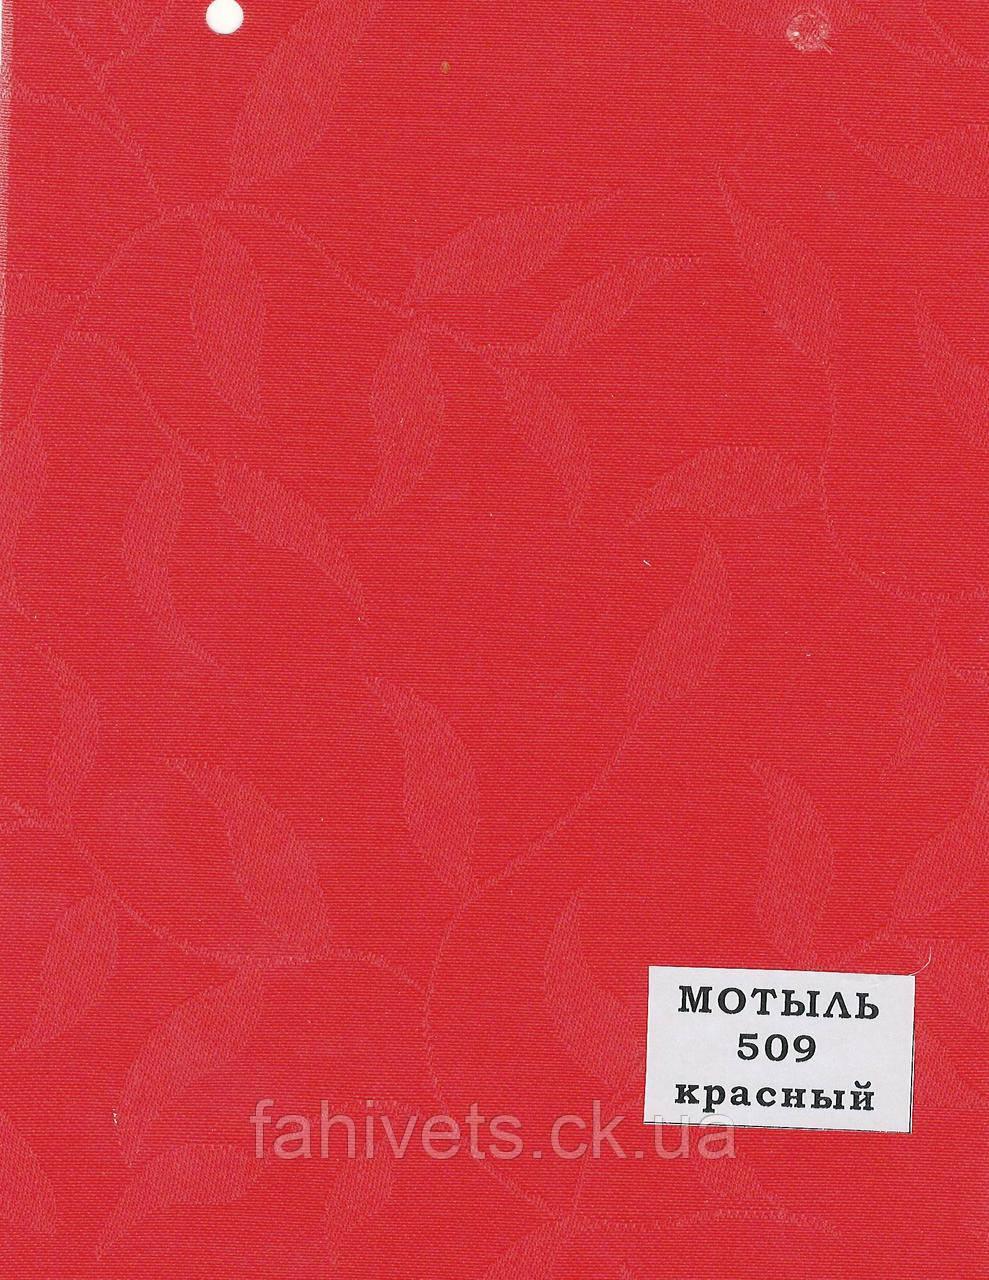 Рулонні штори відкритого типу Мотиль (м.кв.) 509